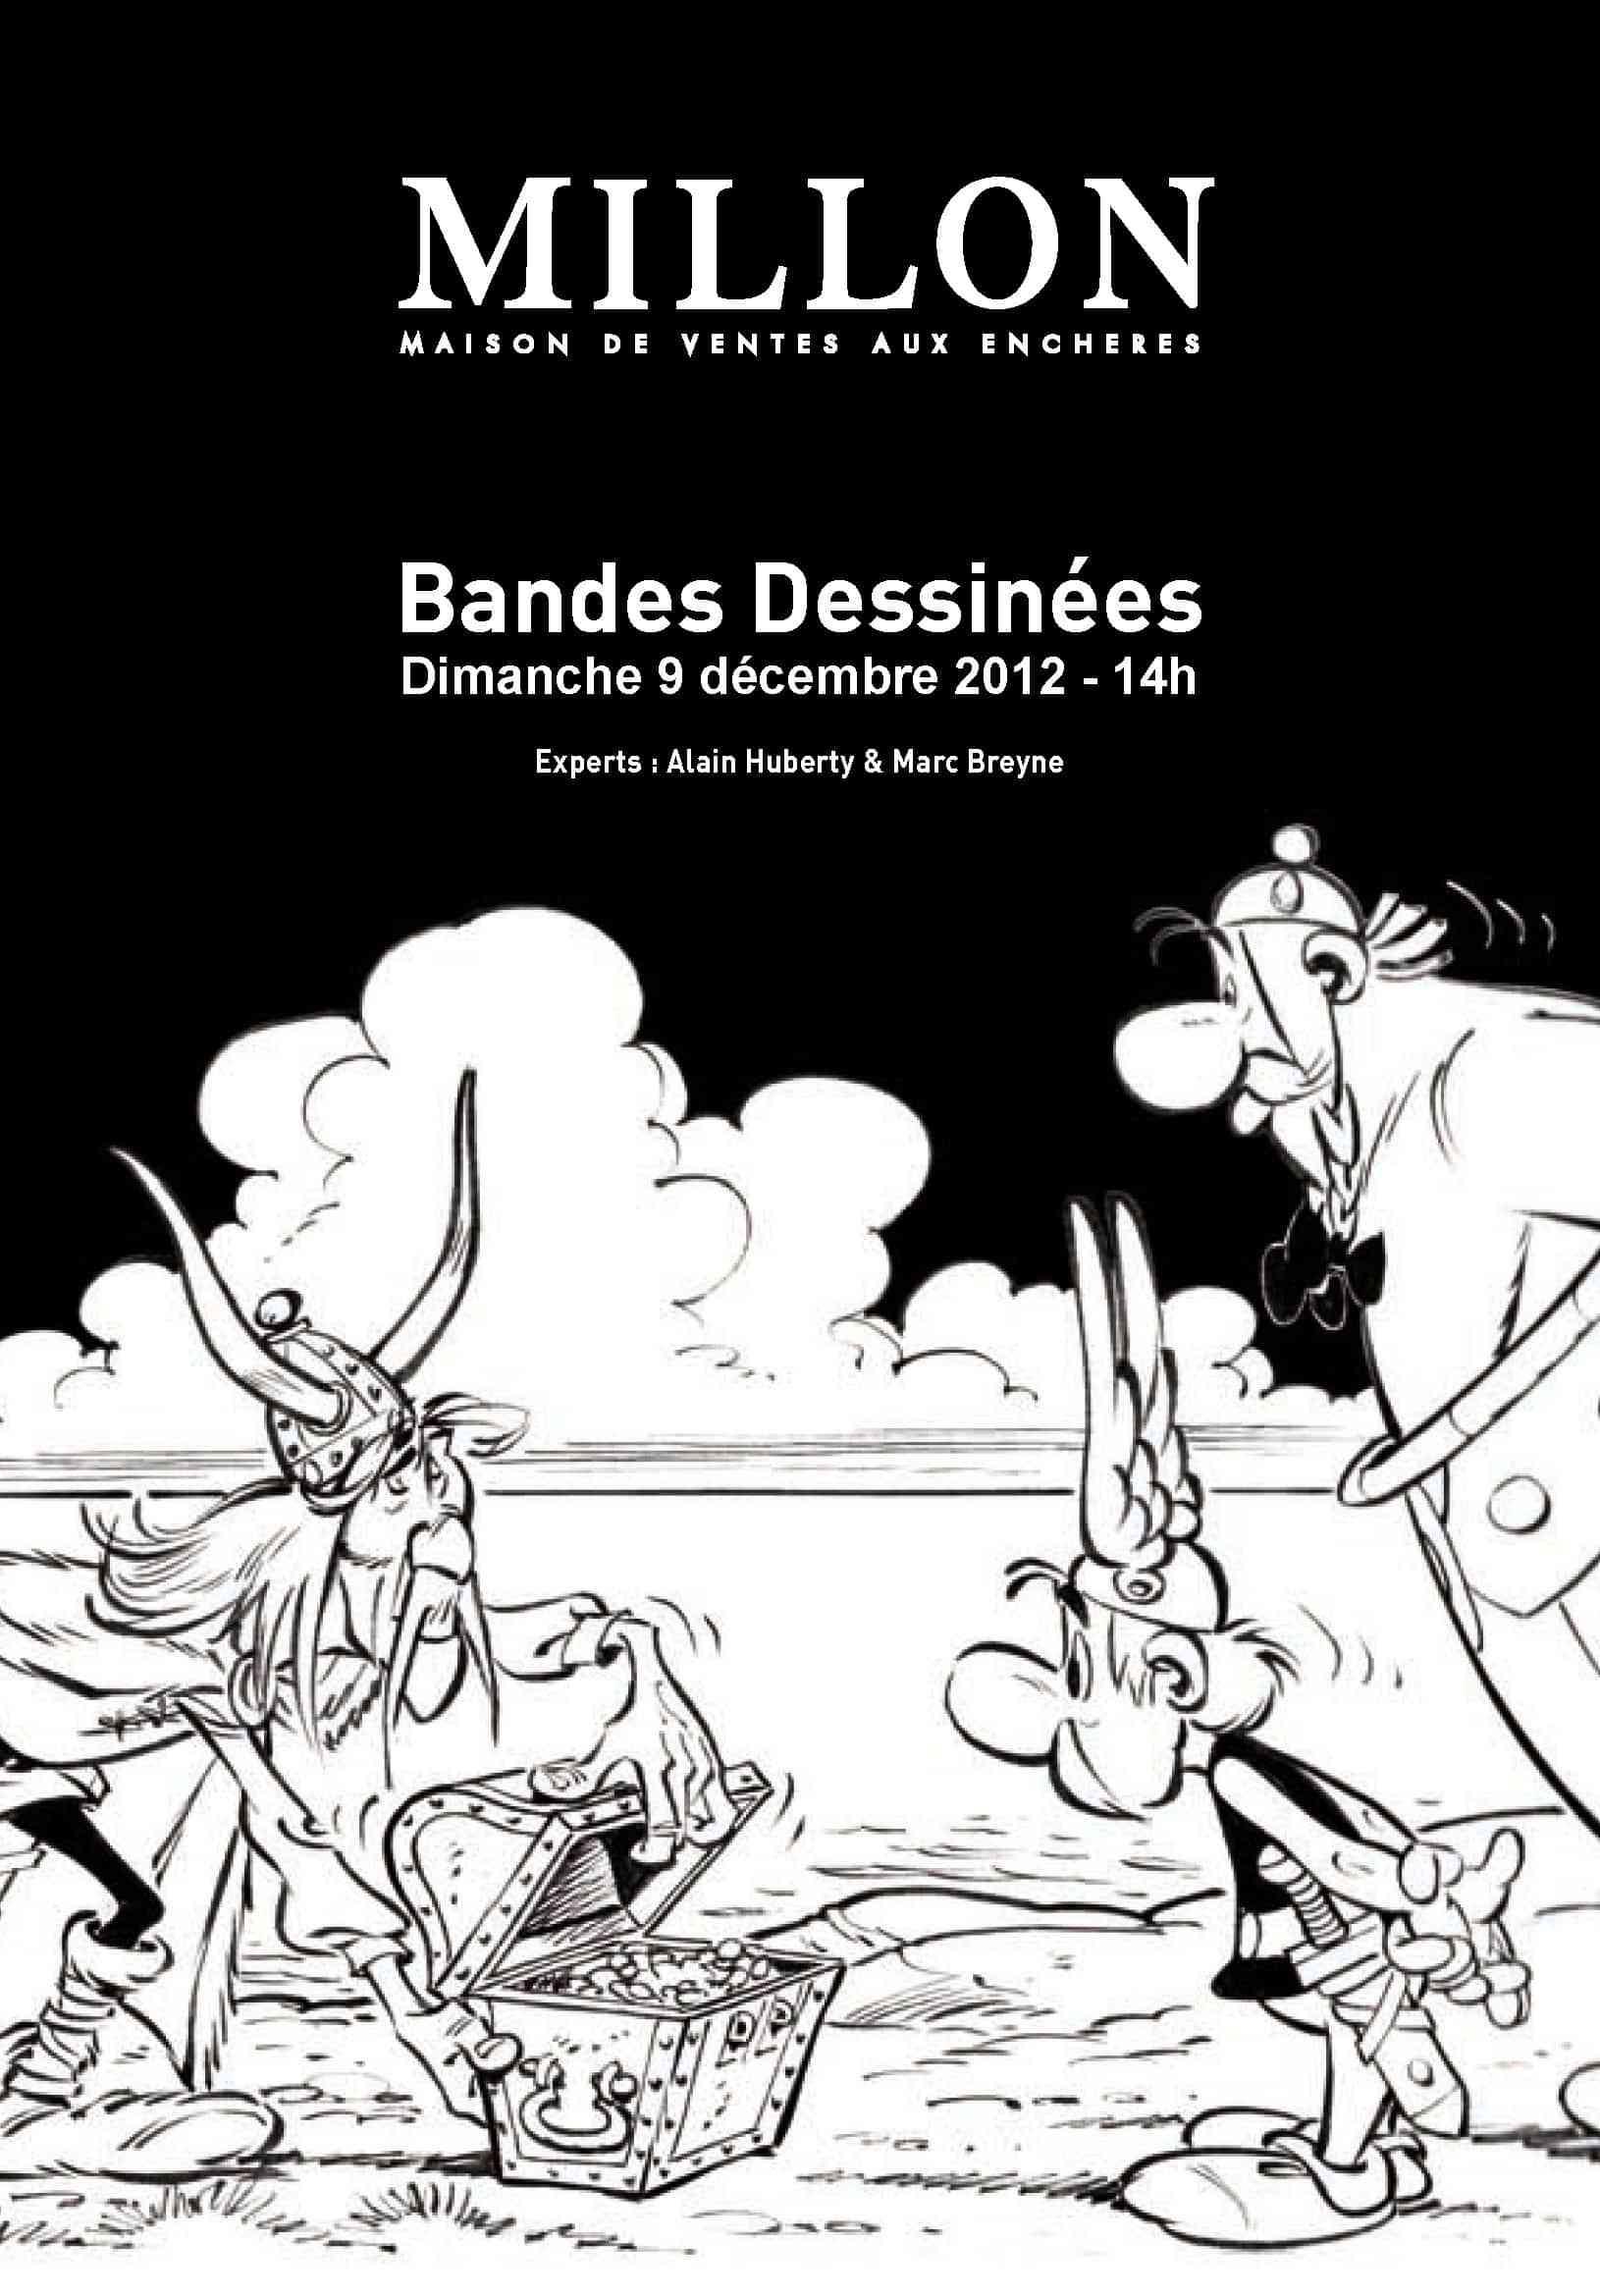 Vente aux enchères : des trésors le 9 décembre à Paris et Bruxelles chez Millon